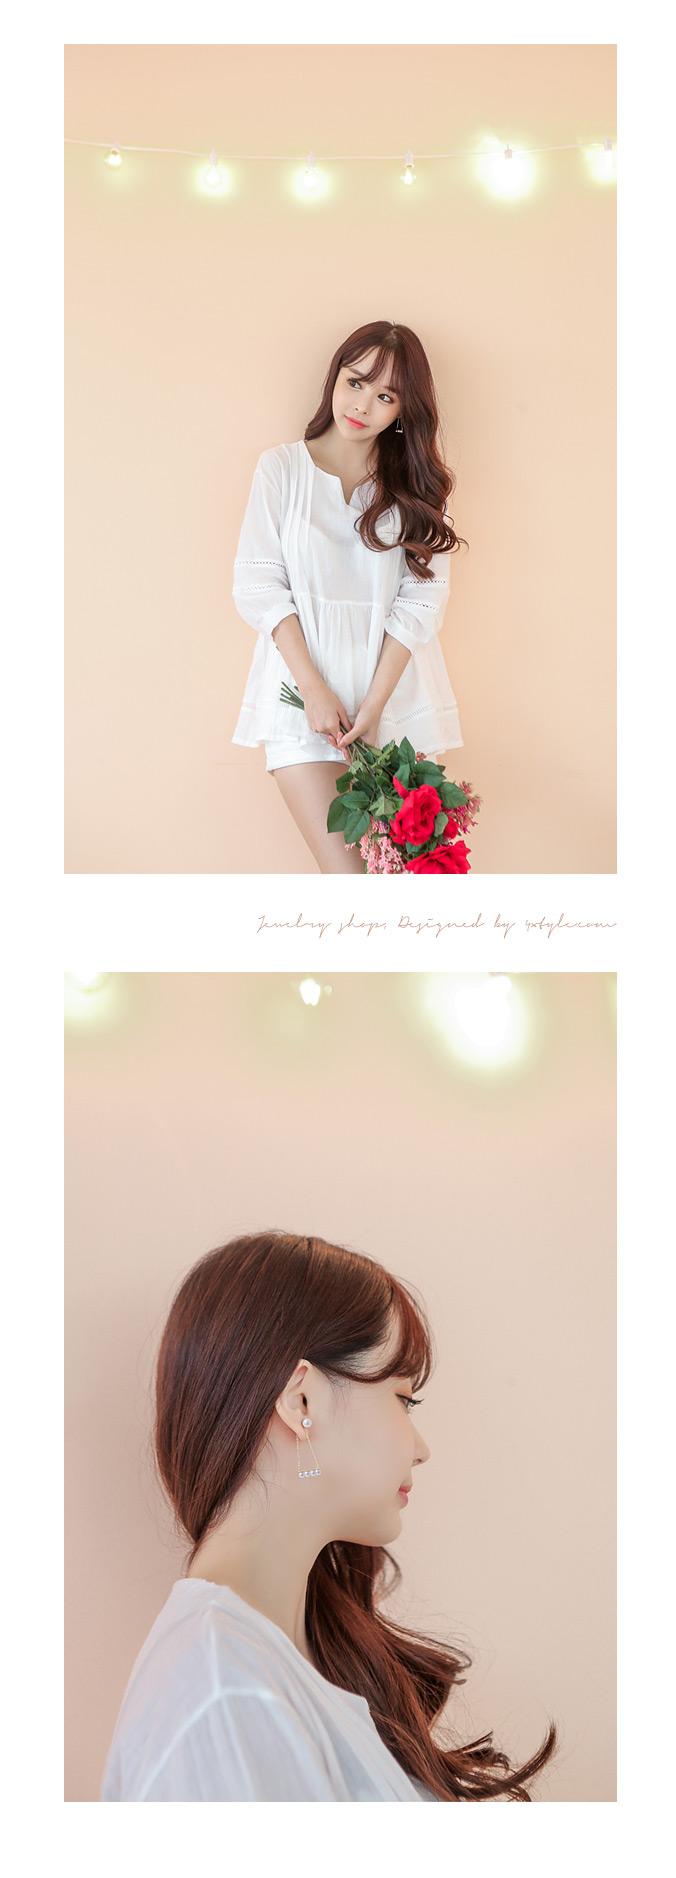 [클립] 레이디인펄 귀걸이 - 폭스타일, 9,500원, 골드, 볼/미니귀걸이